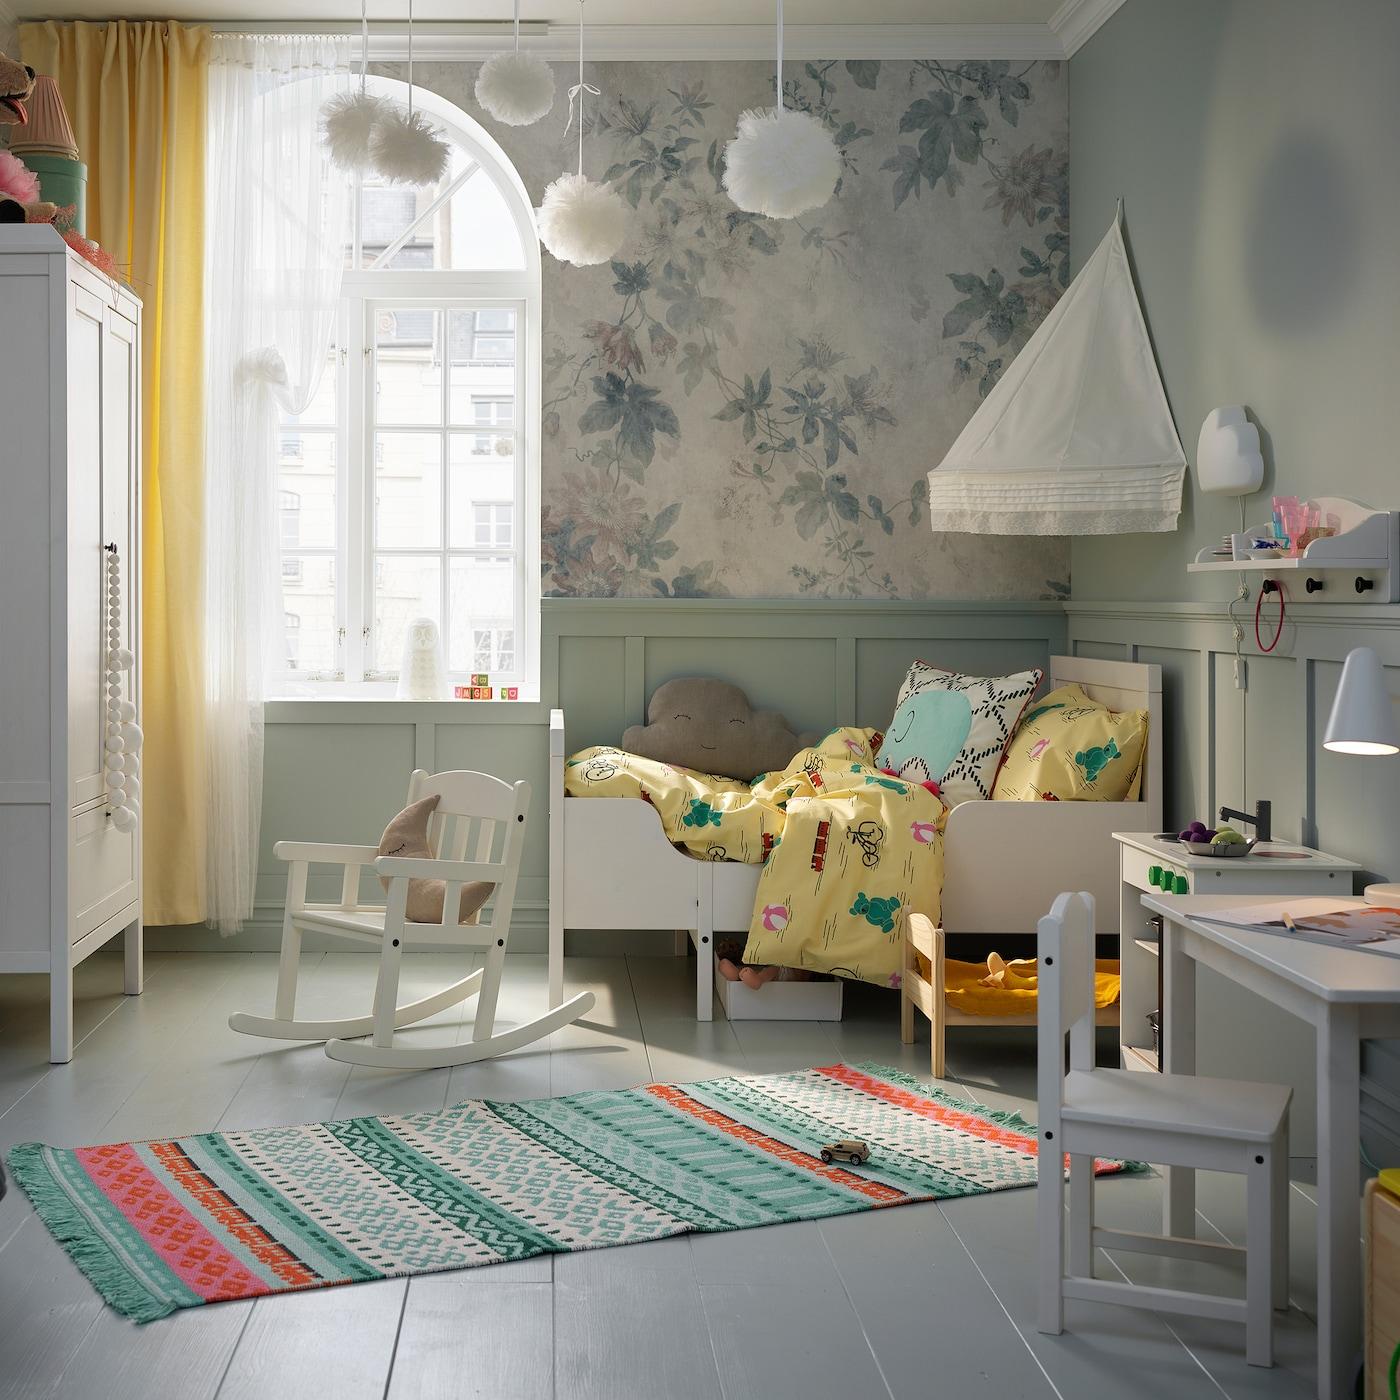 غرفة للأطفال مع سرير ومظلة سرير وخزانة ملابس وطاولة وكرسي بلون أبيض. سجادة بألوان زاهية على الأرض.